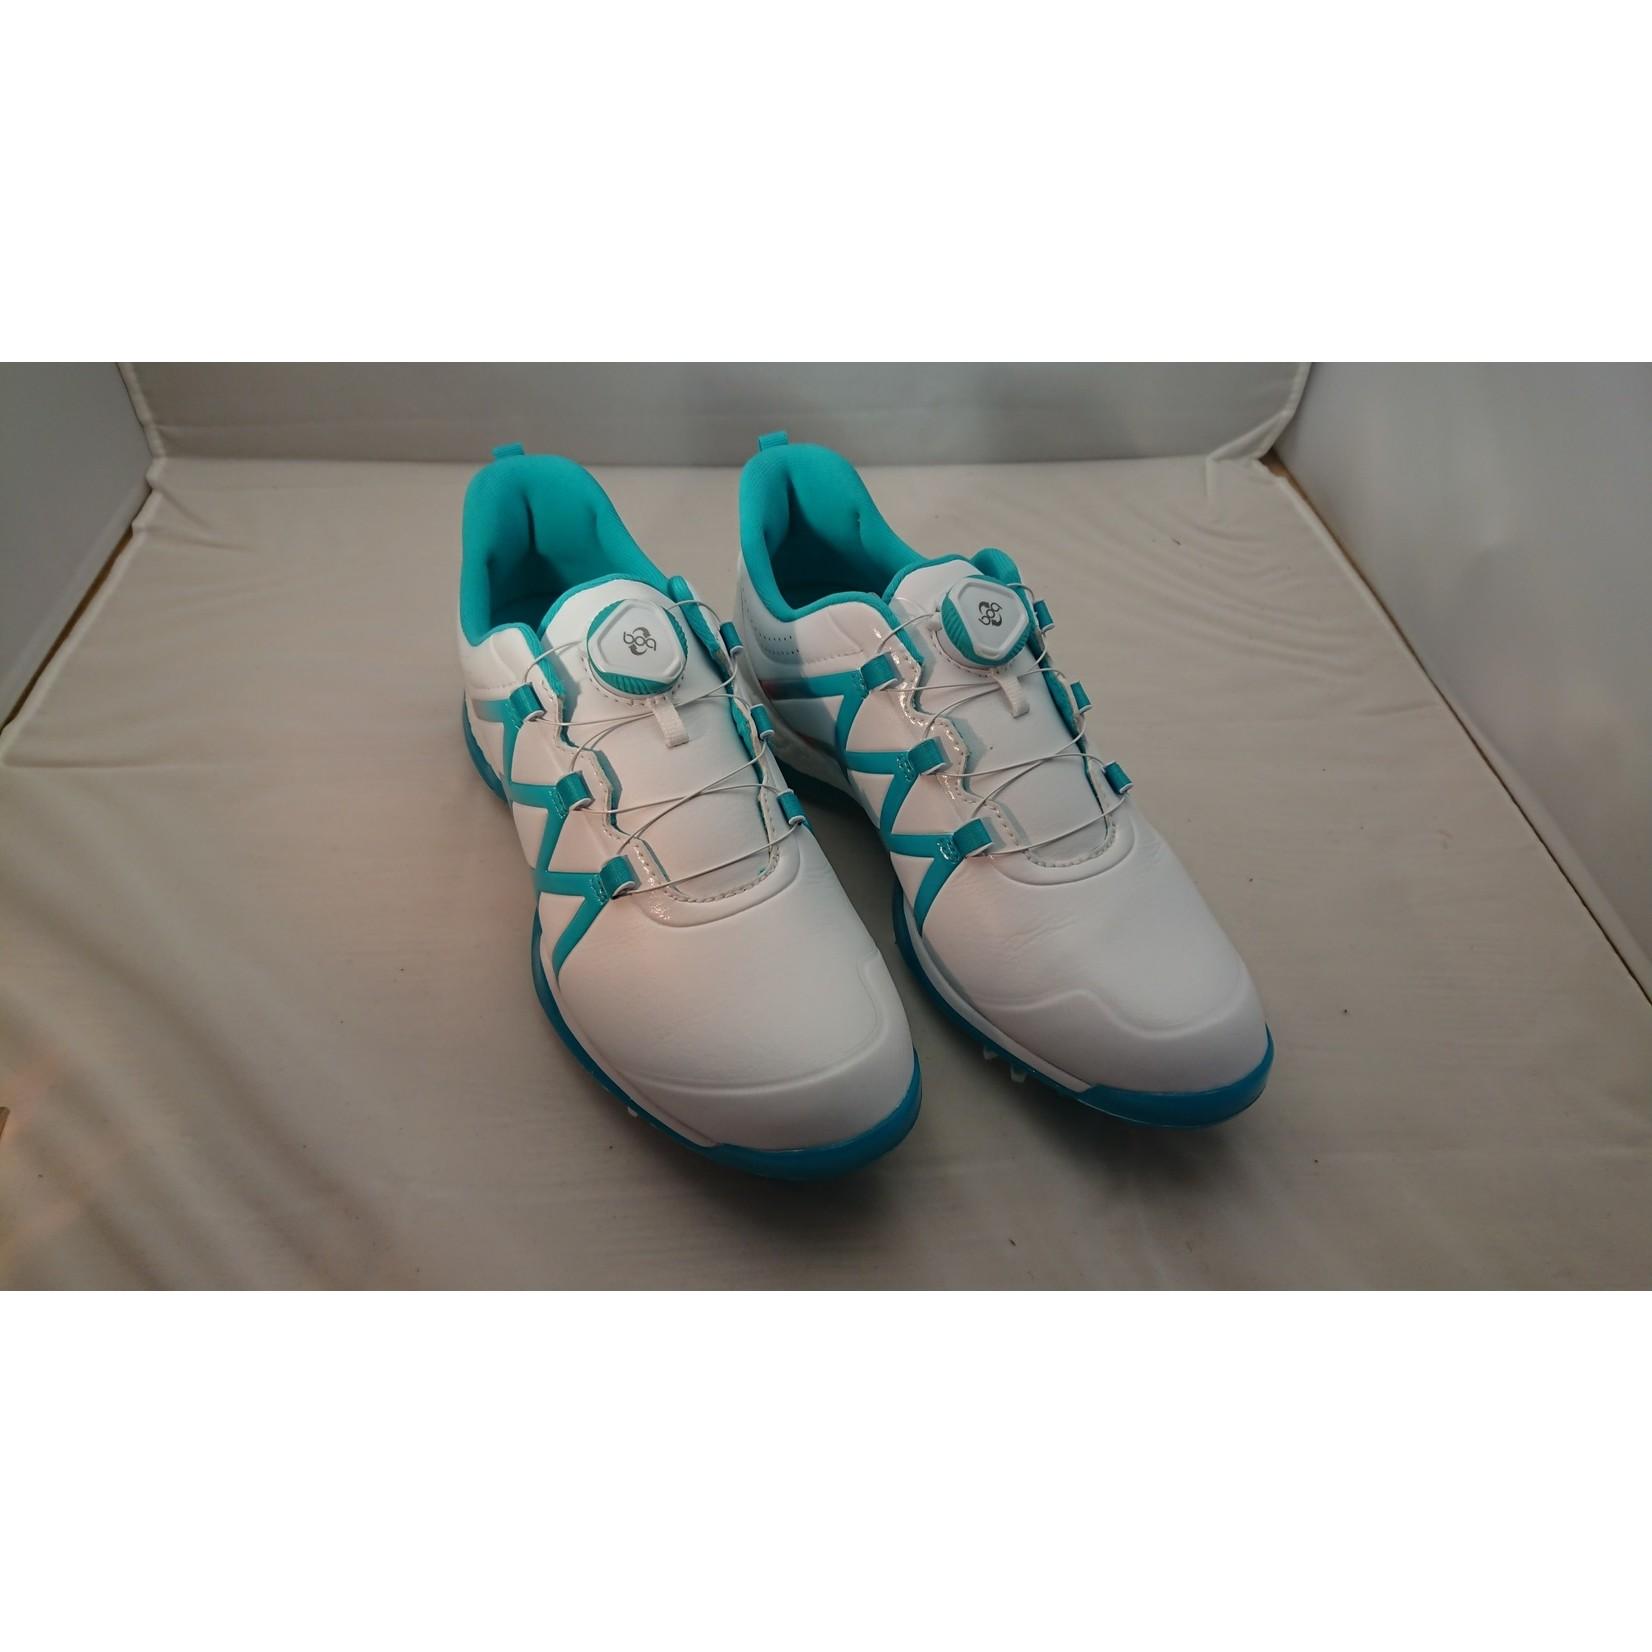 Adidas Adidas Power Boost Boa Wit 40 / UK6.5